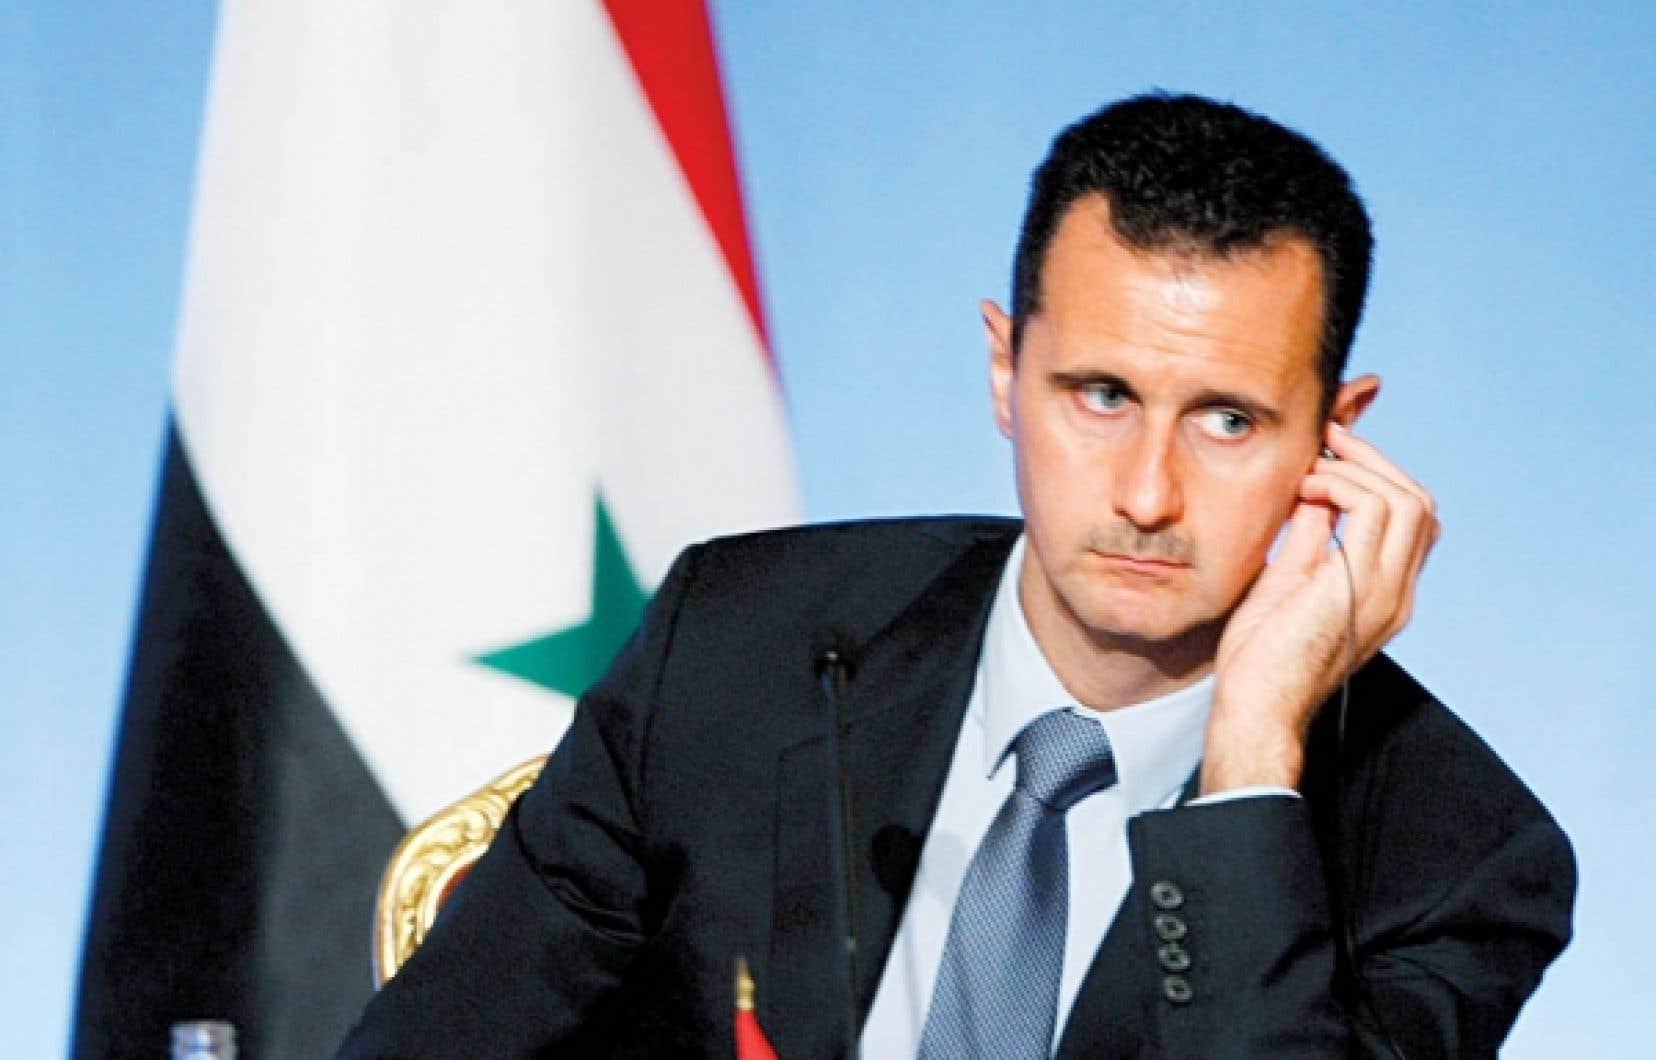 Bachar al-Assad refuse de reconnaître le mouvement qui s'élève contre lui dans le pays, qualifiant les contestataires de «groupes terroristes» qui souhaitent faire de la Syrie un chaos.